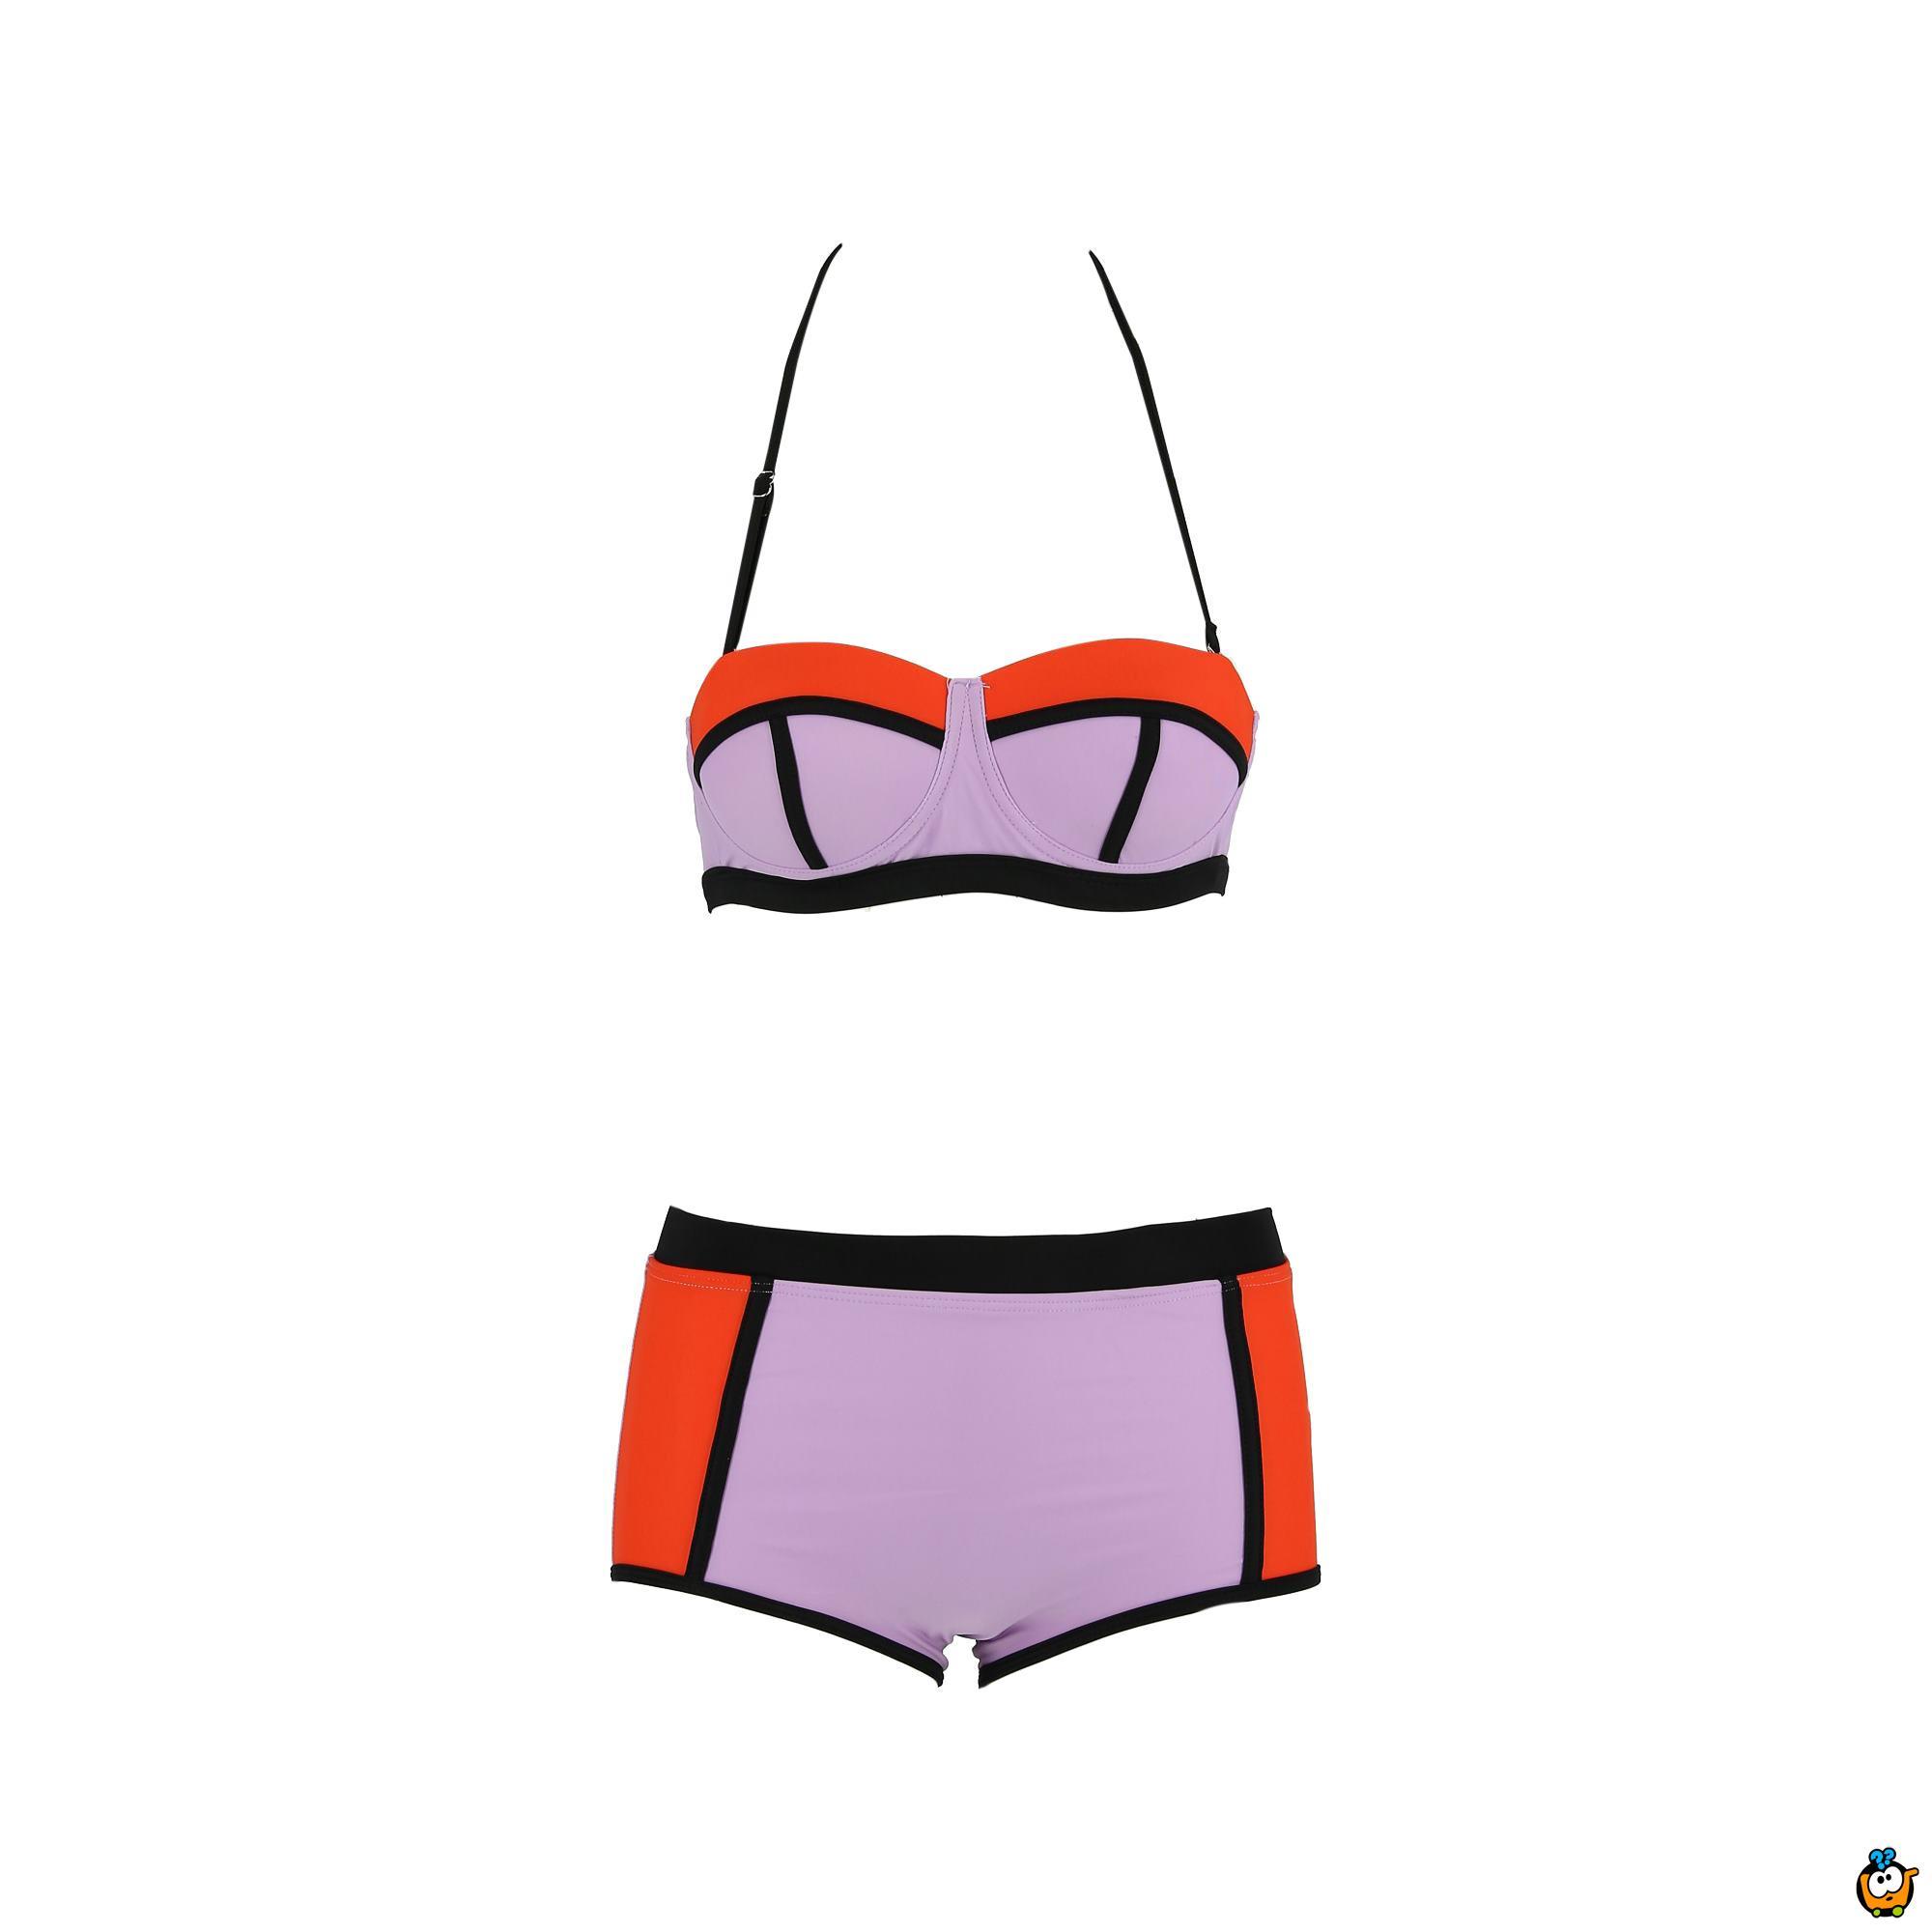 Dvodelni ženski kupaći kostim - LINES MIX ORANGE